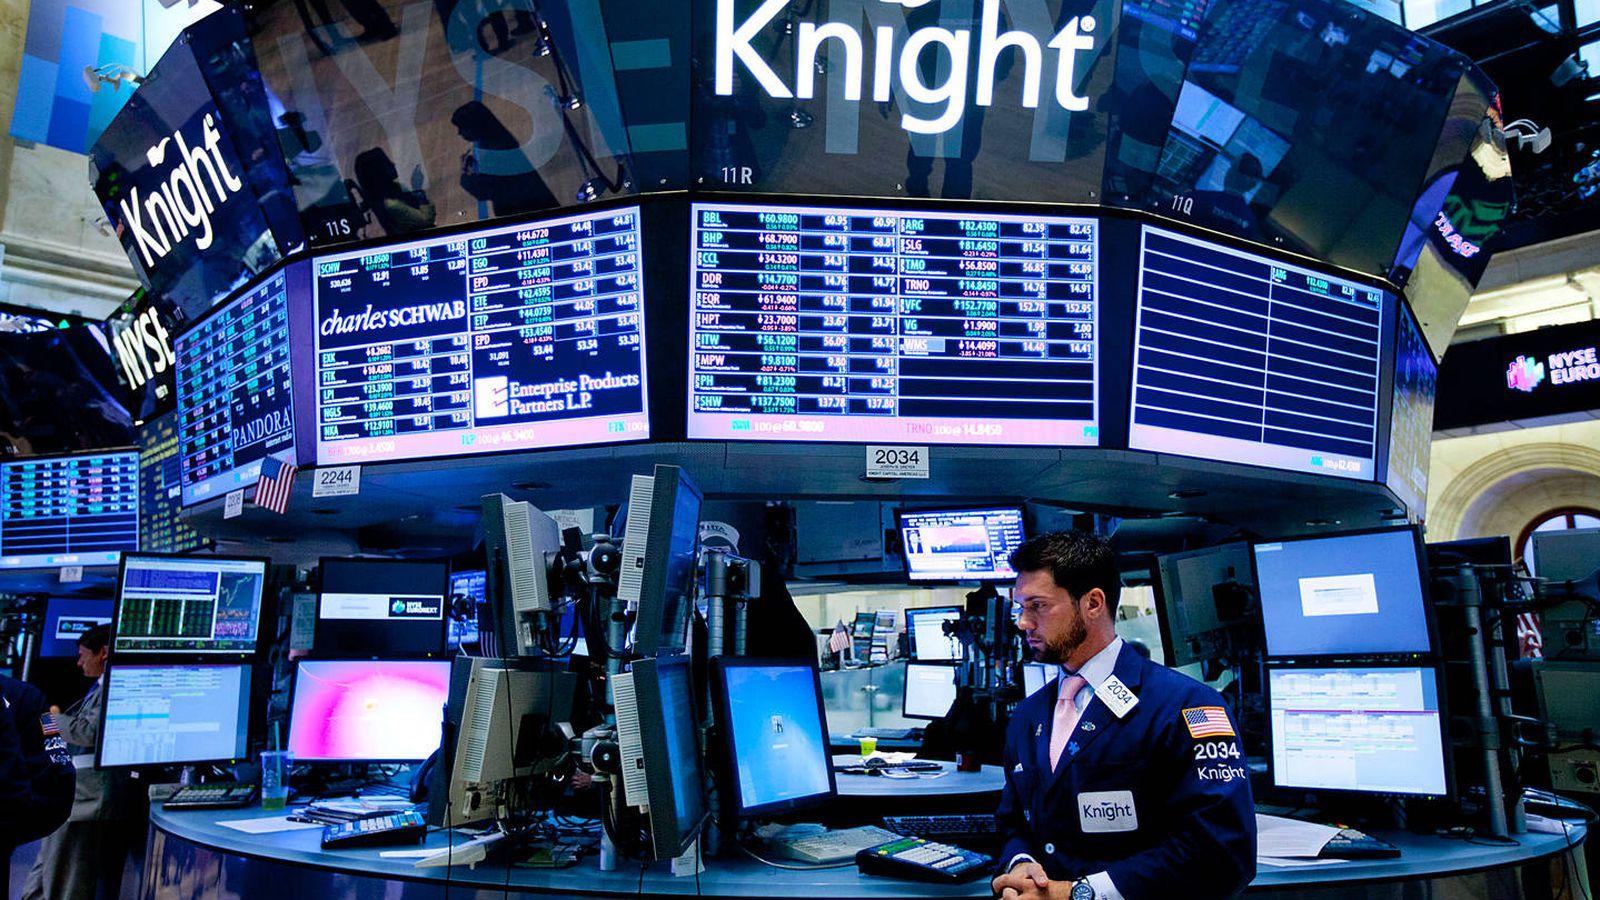 Foto: 45 minutos le bastaron a Knight Capital para perder 440 millones por un error informático. Foto: Jin Lee/Bloomberg.